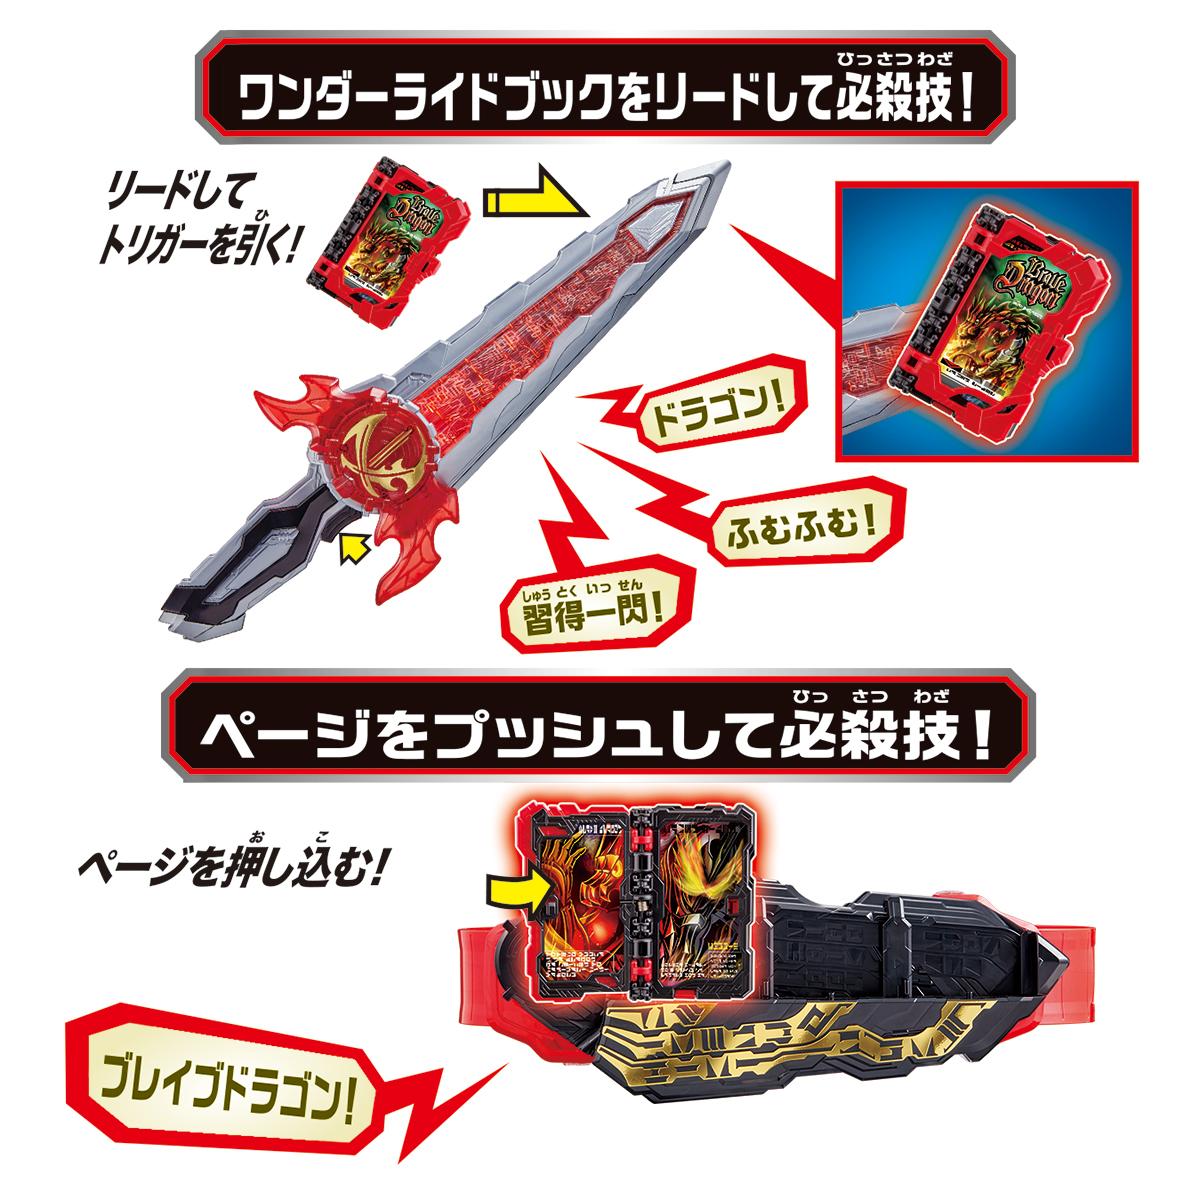 DX聖剣ソードライバー